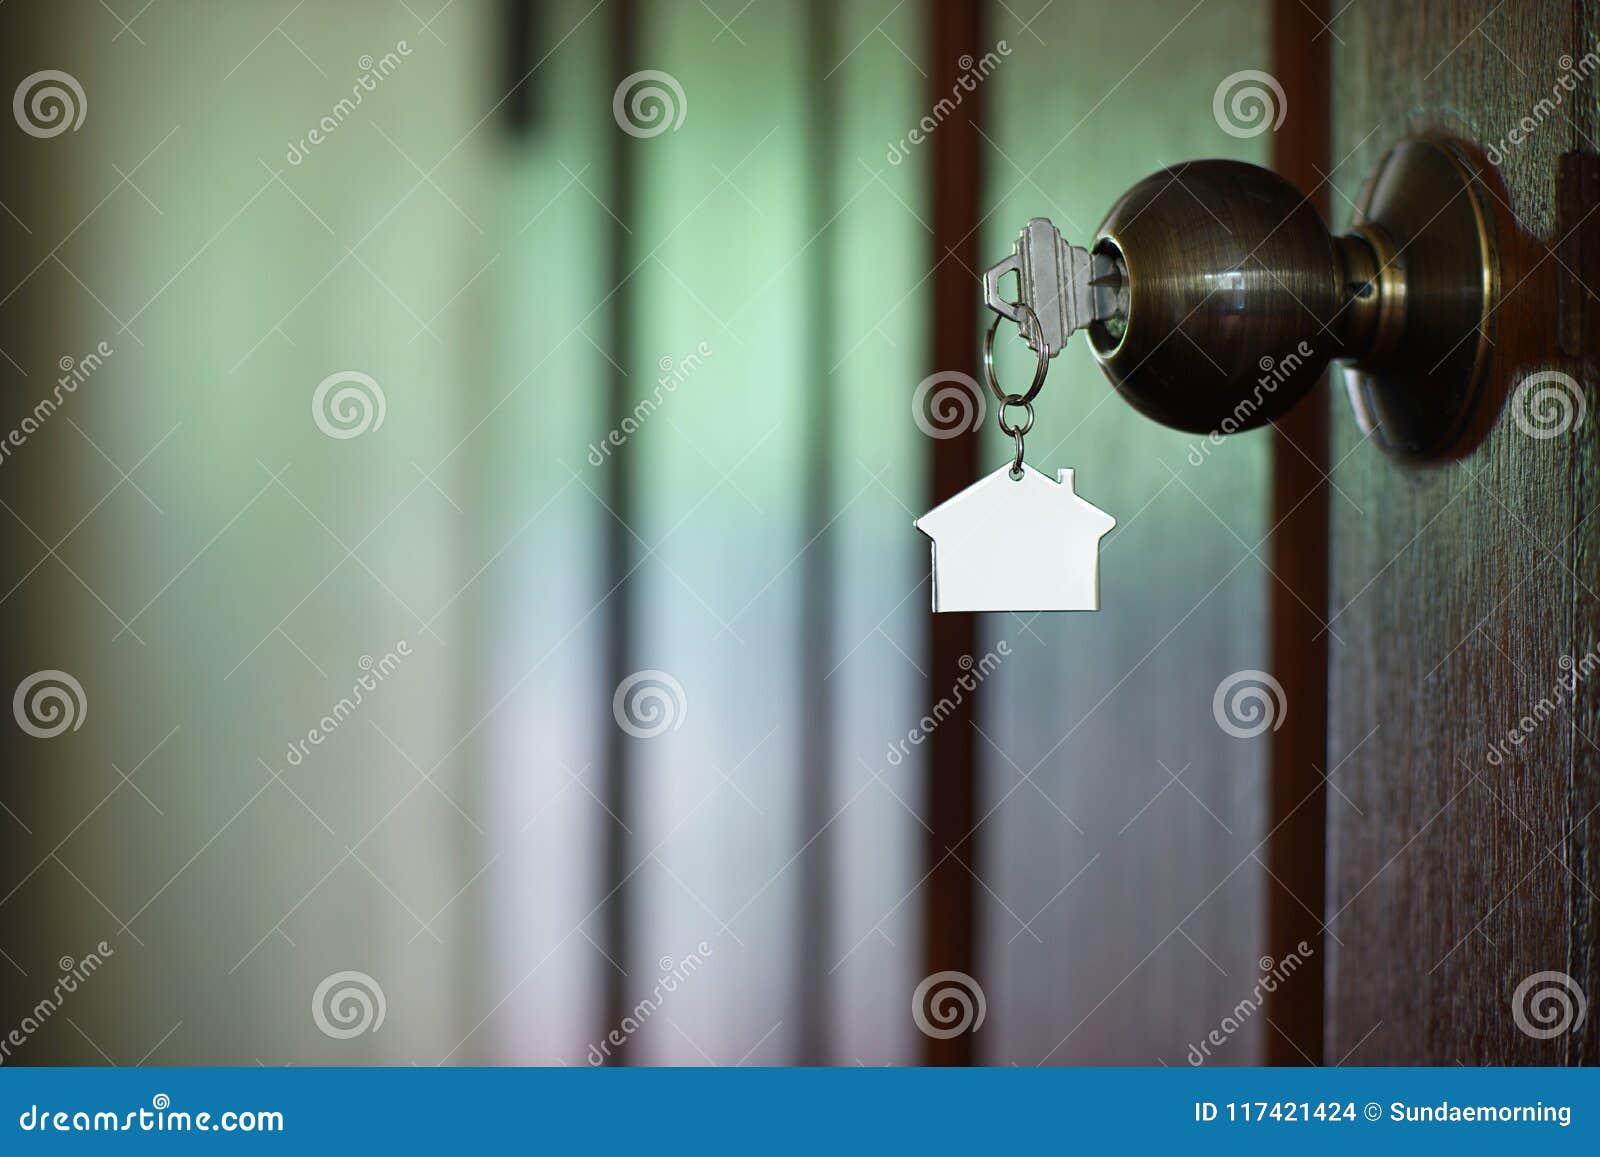 Domowy klucz z domowym keychain w keyhole, majątkowy pojęcie